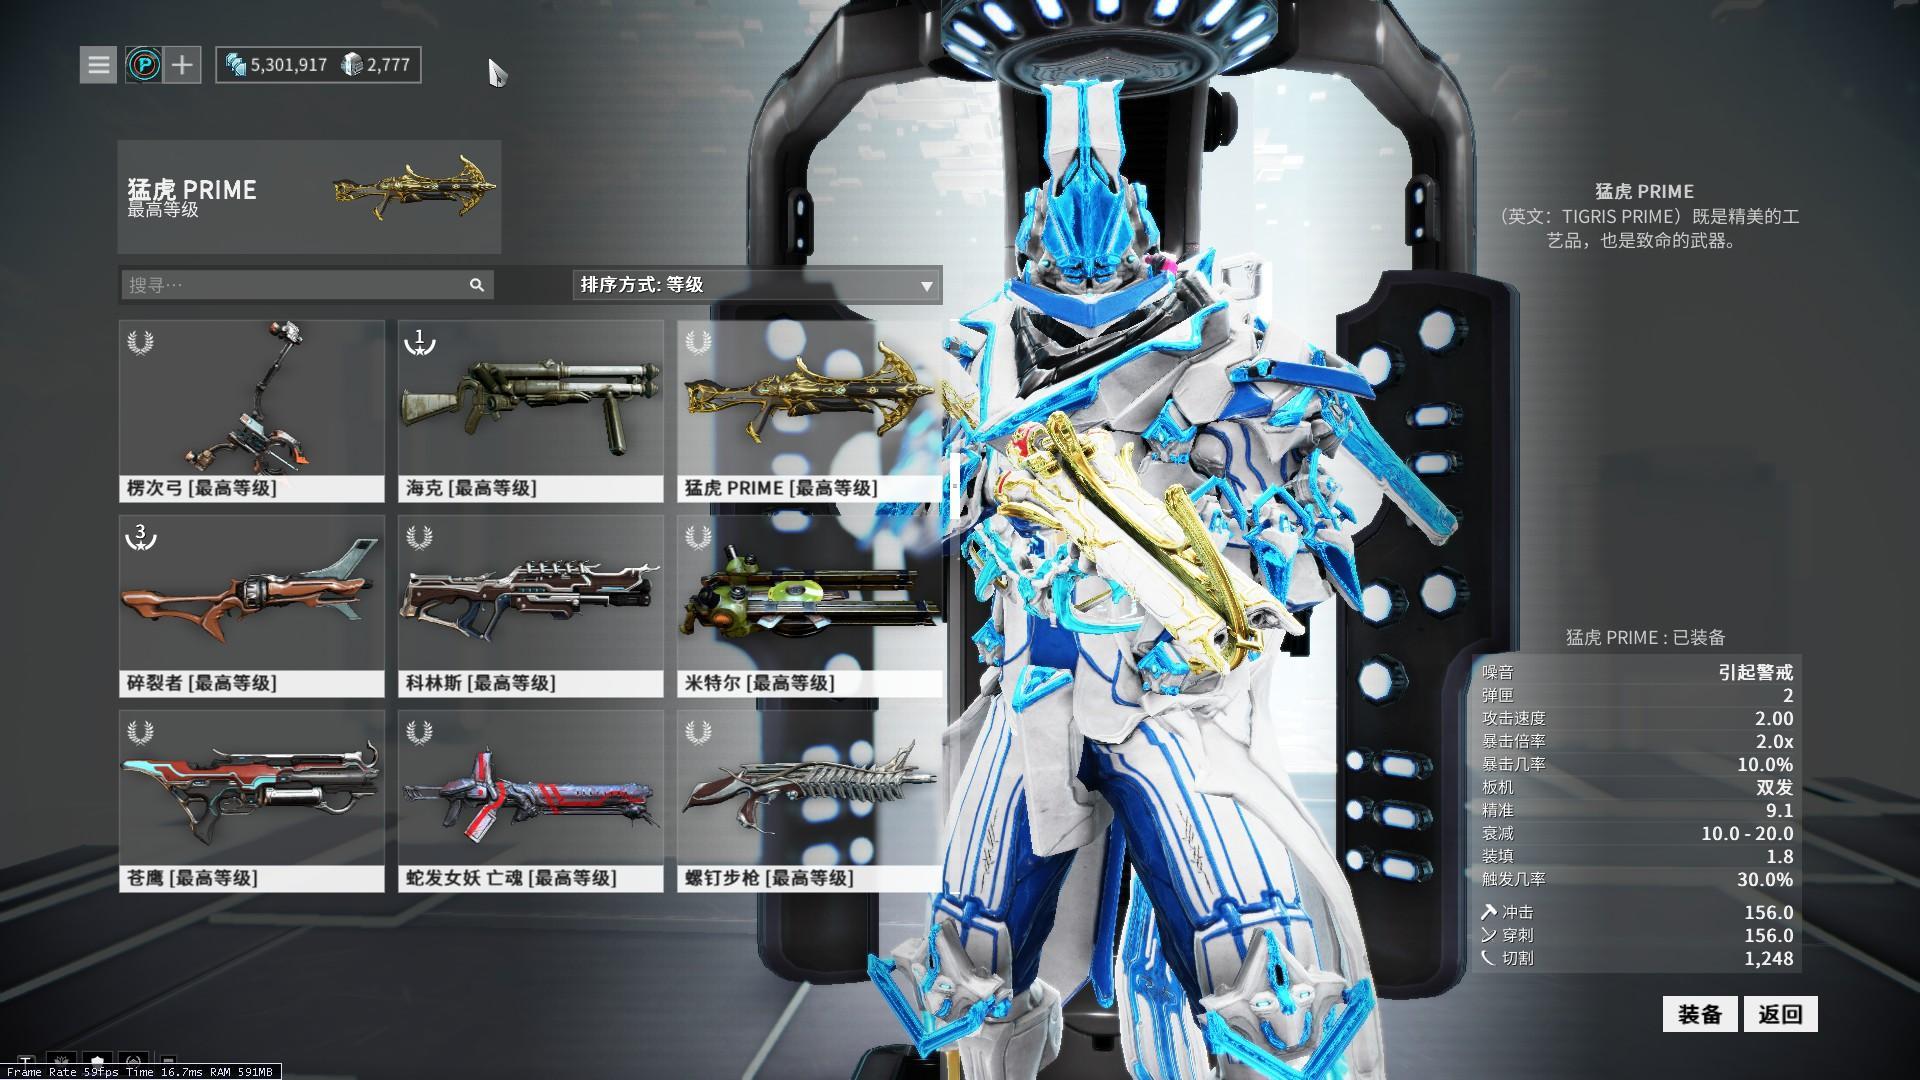 世界上最nb的武器_Warframe武器库——一发入魂:猛虎prime - 知乎